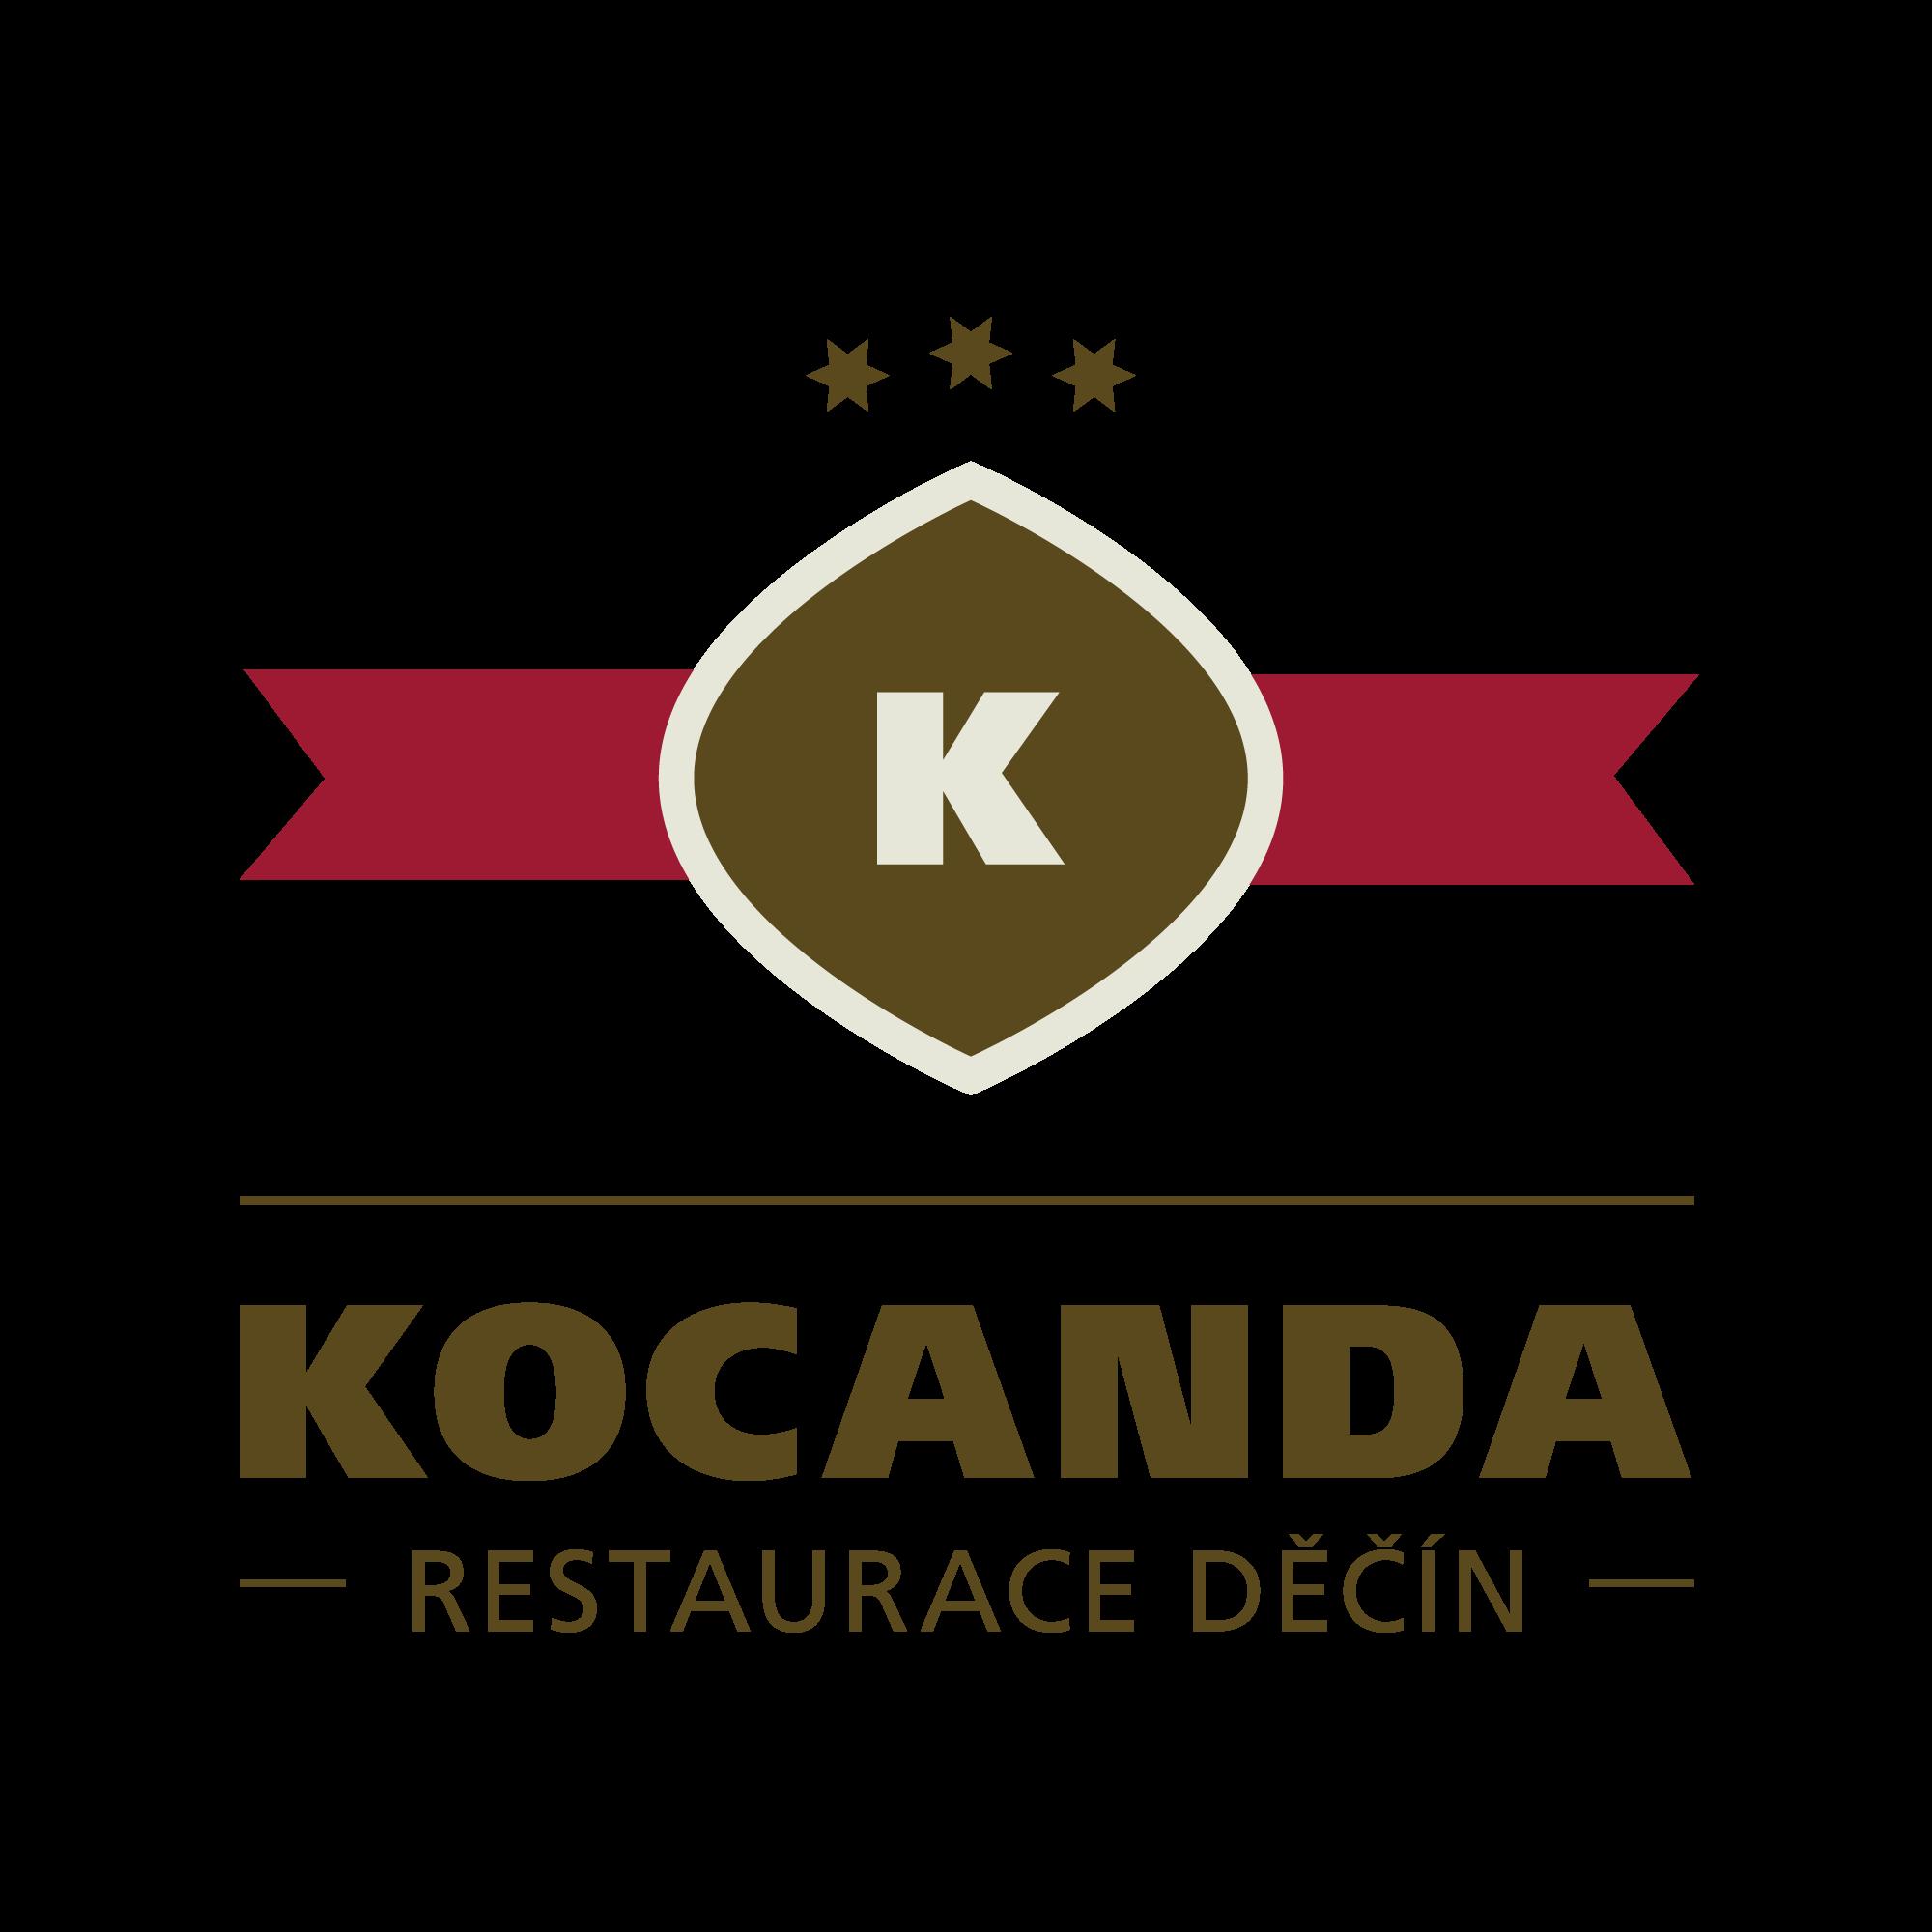 Restaurace Kocanda Děčín